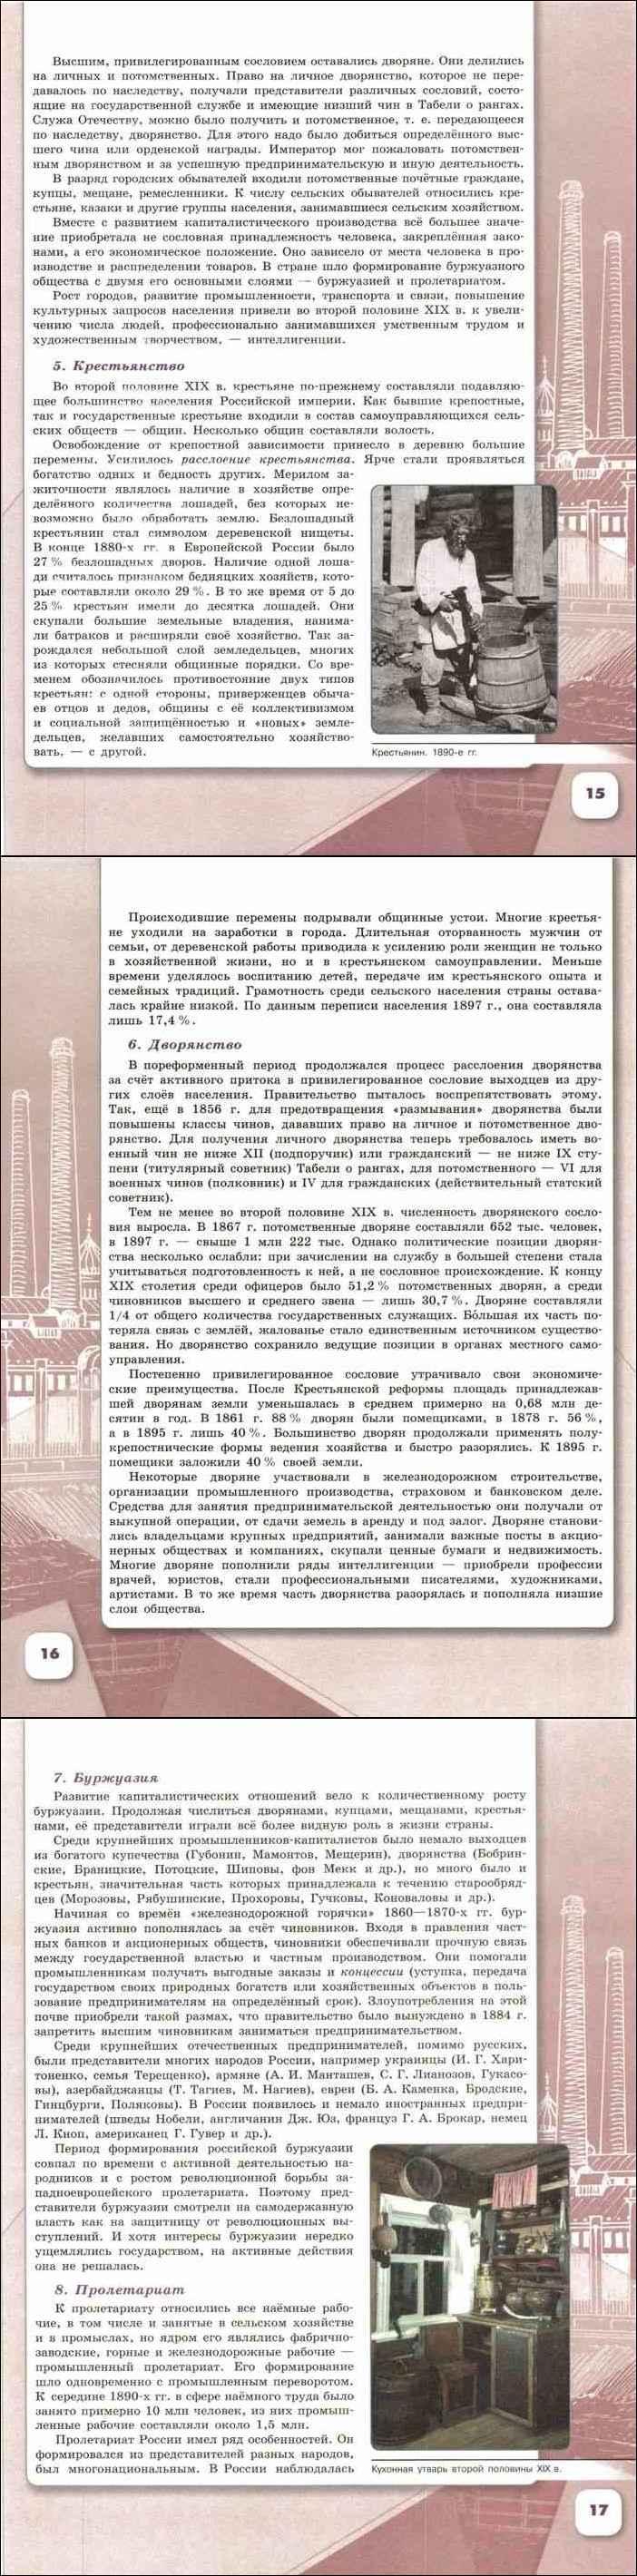 метро москвы карта смотреть станция черкизовская